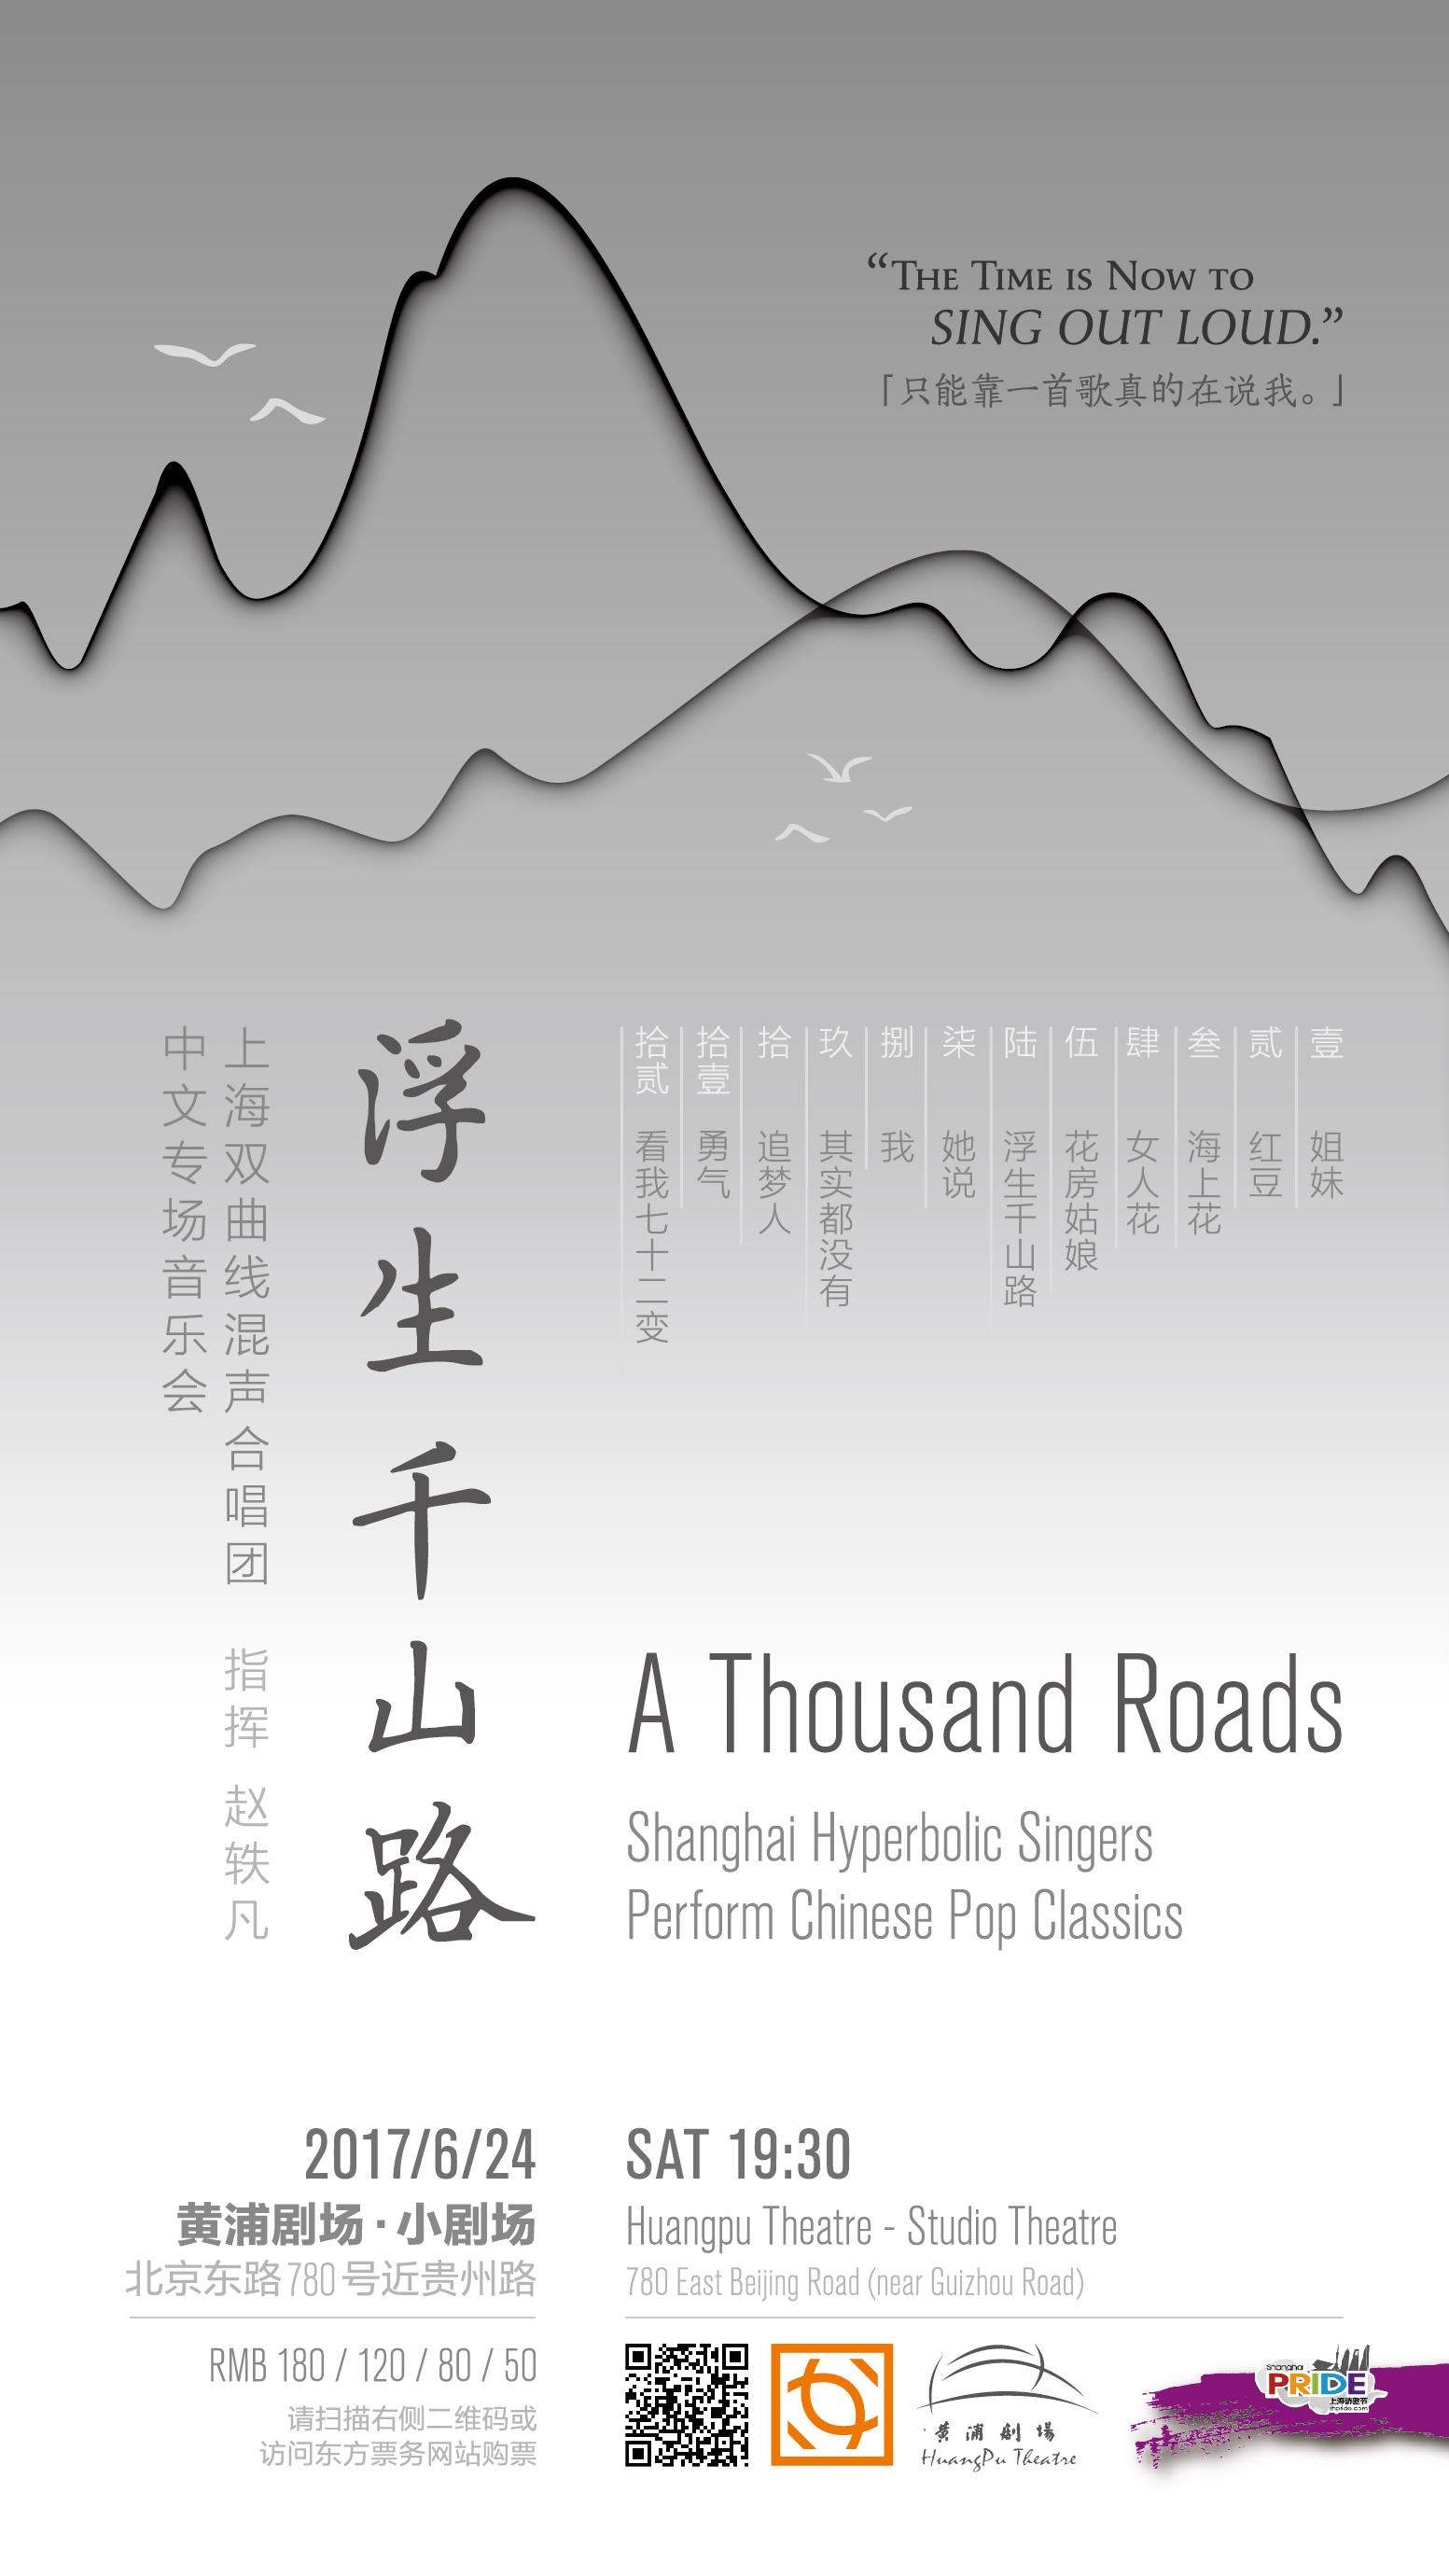 海报 浮生千山路 骄傲节版-RGB